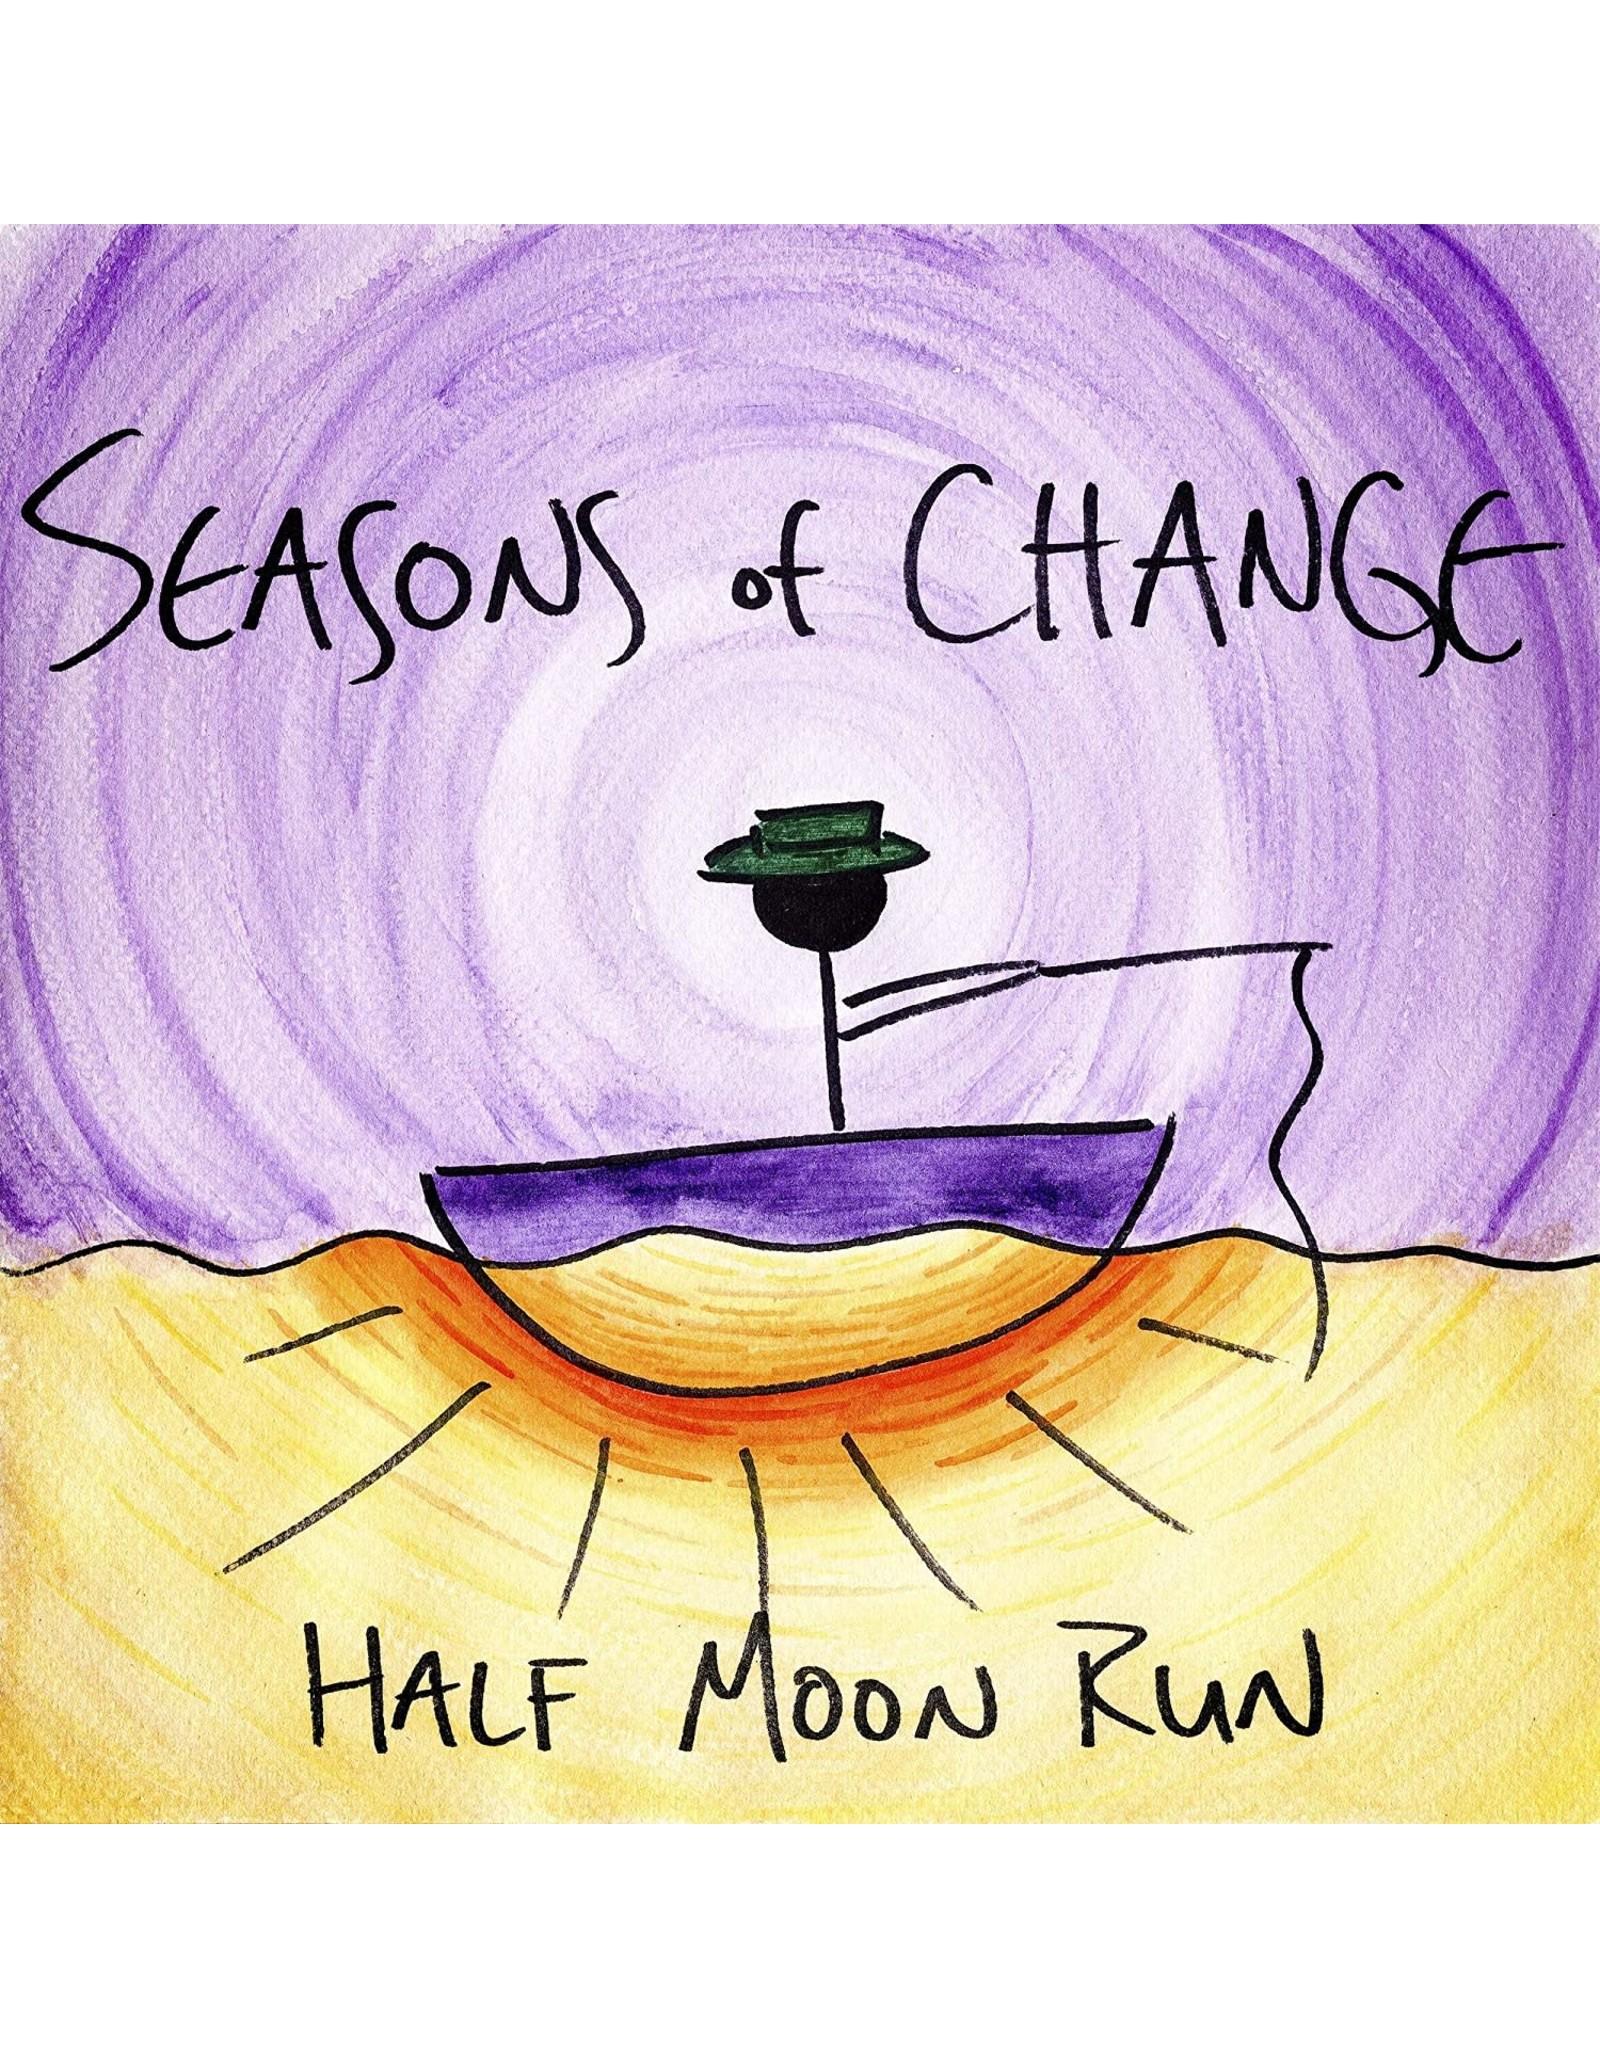 Half Moon Run - Seasons of Change EP